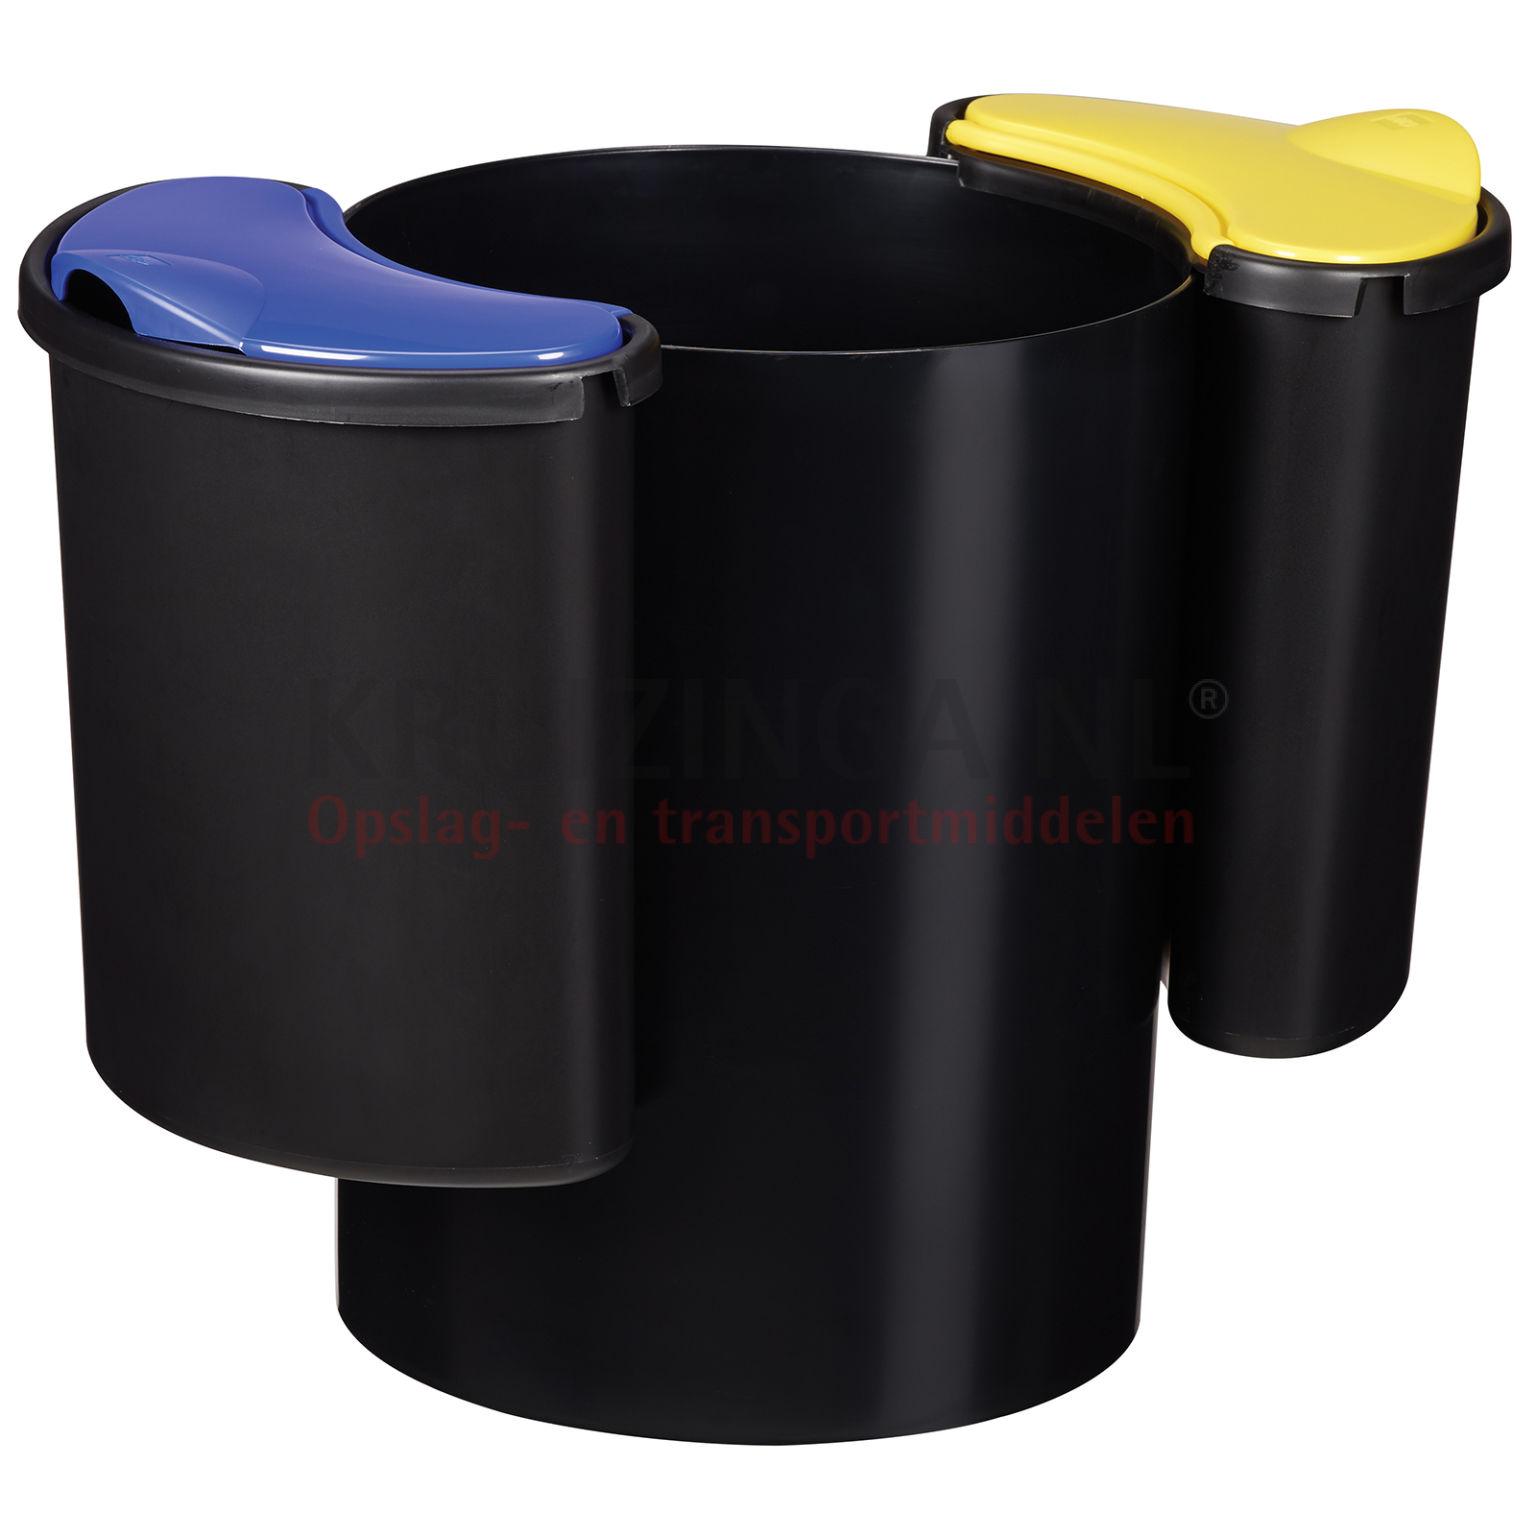 poubelle d chets et hygi ne poubelle en plastique avec 2 modulable compartiments partir de. Black Bedroom Furniture Sets. Home Design Ideas